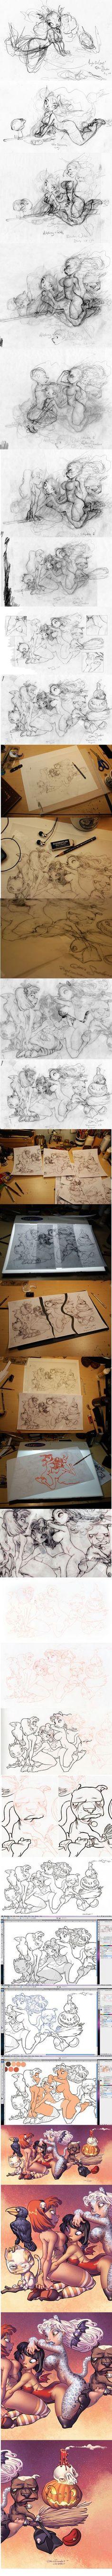 Chris Sanders sketch...